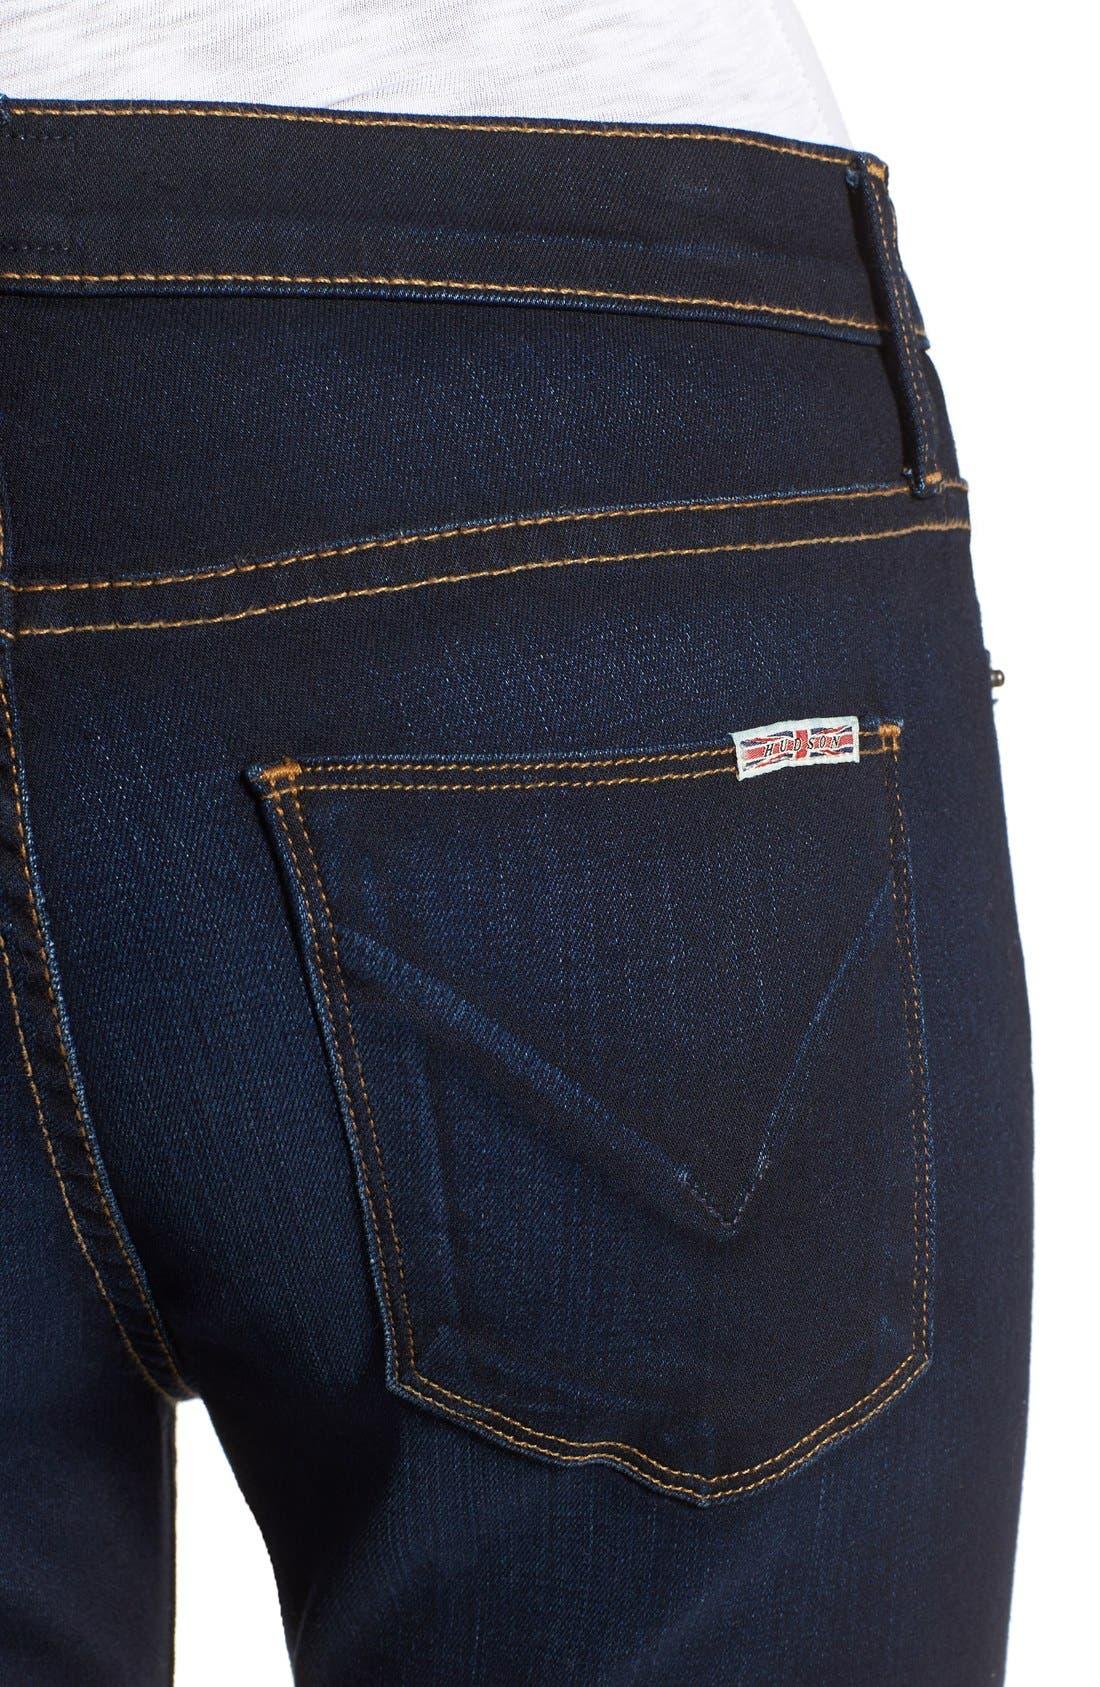 HUDSON JEANS, 'Love' Bootcut Jeans, Alternate thumbnail 4, color, REDUX